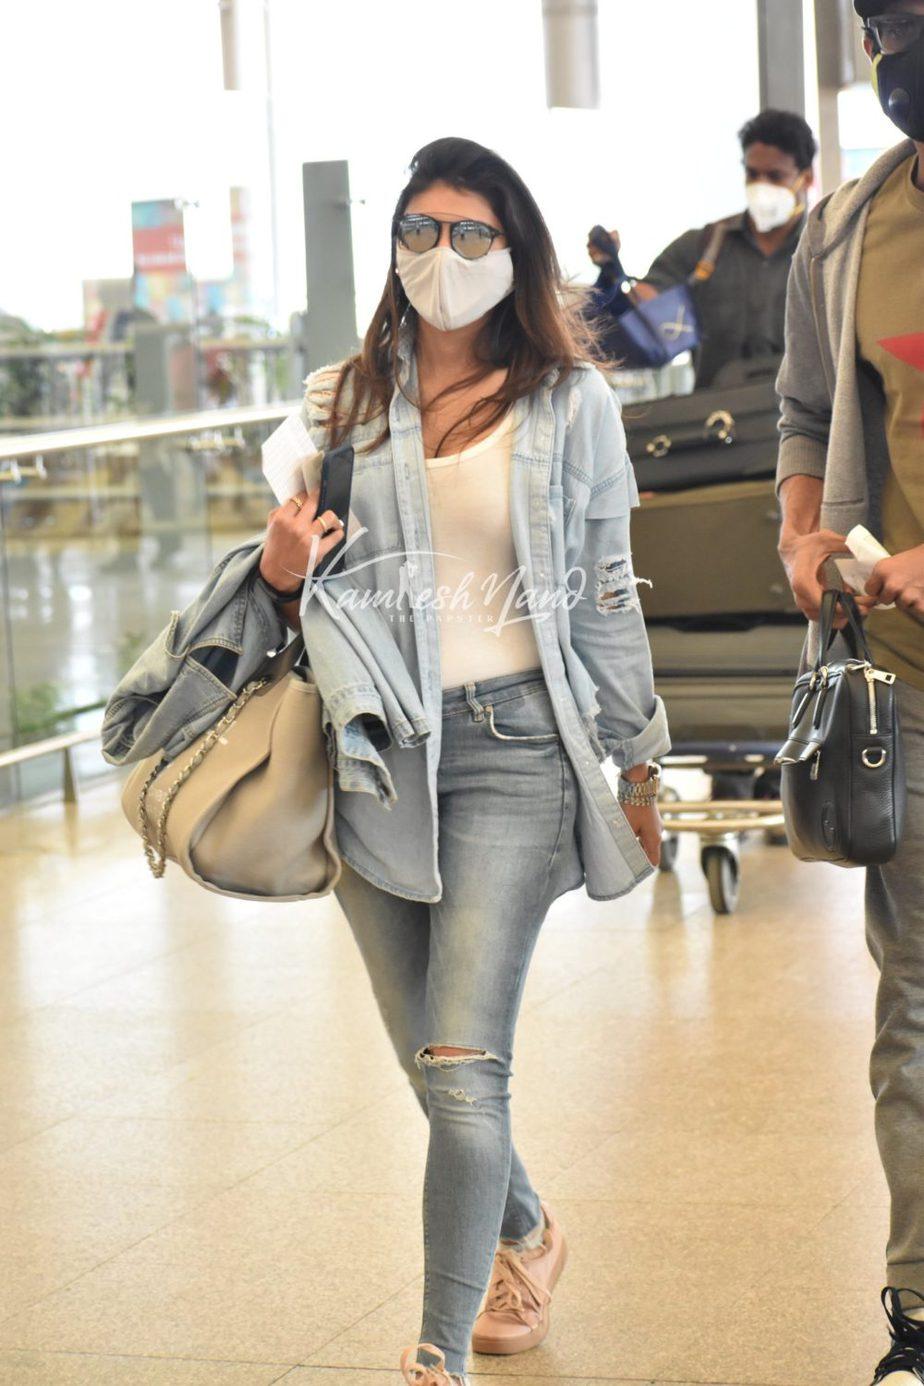 miheeka at airport